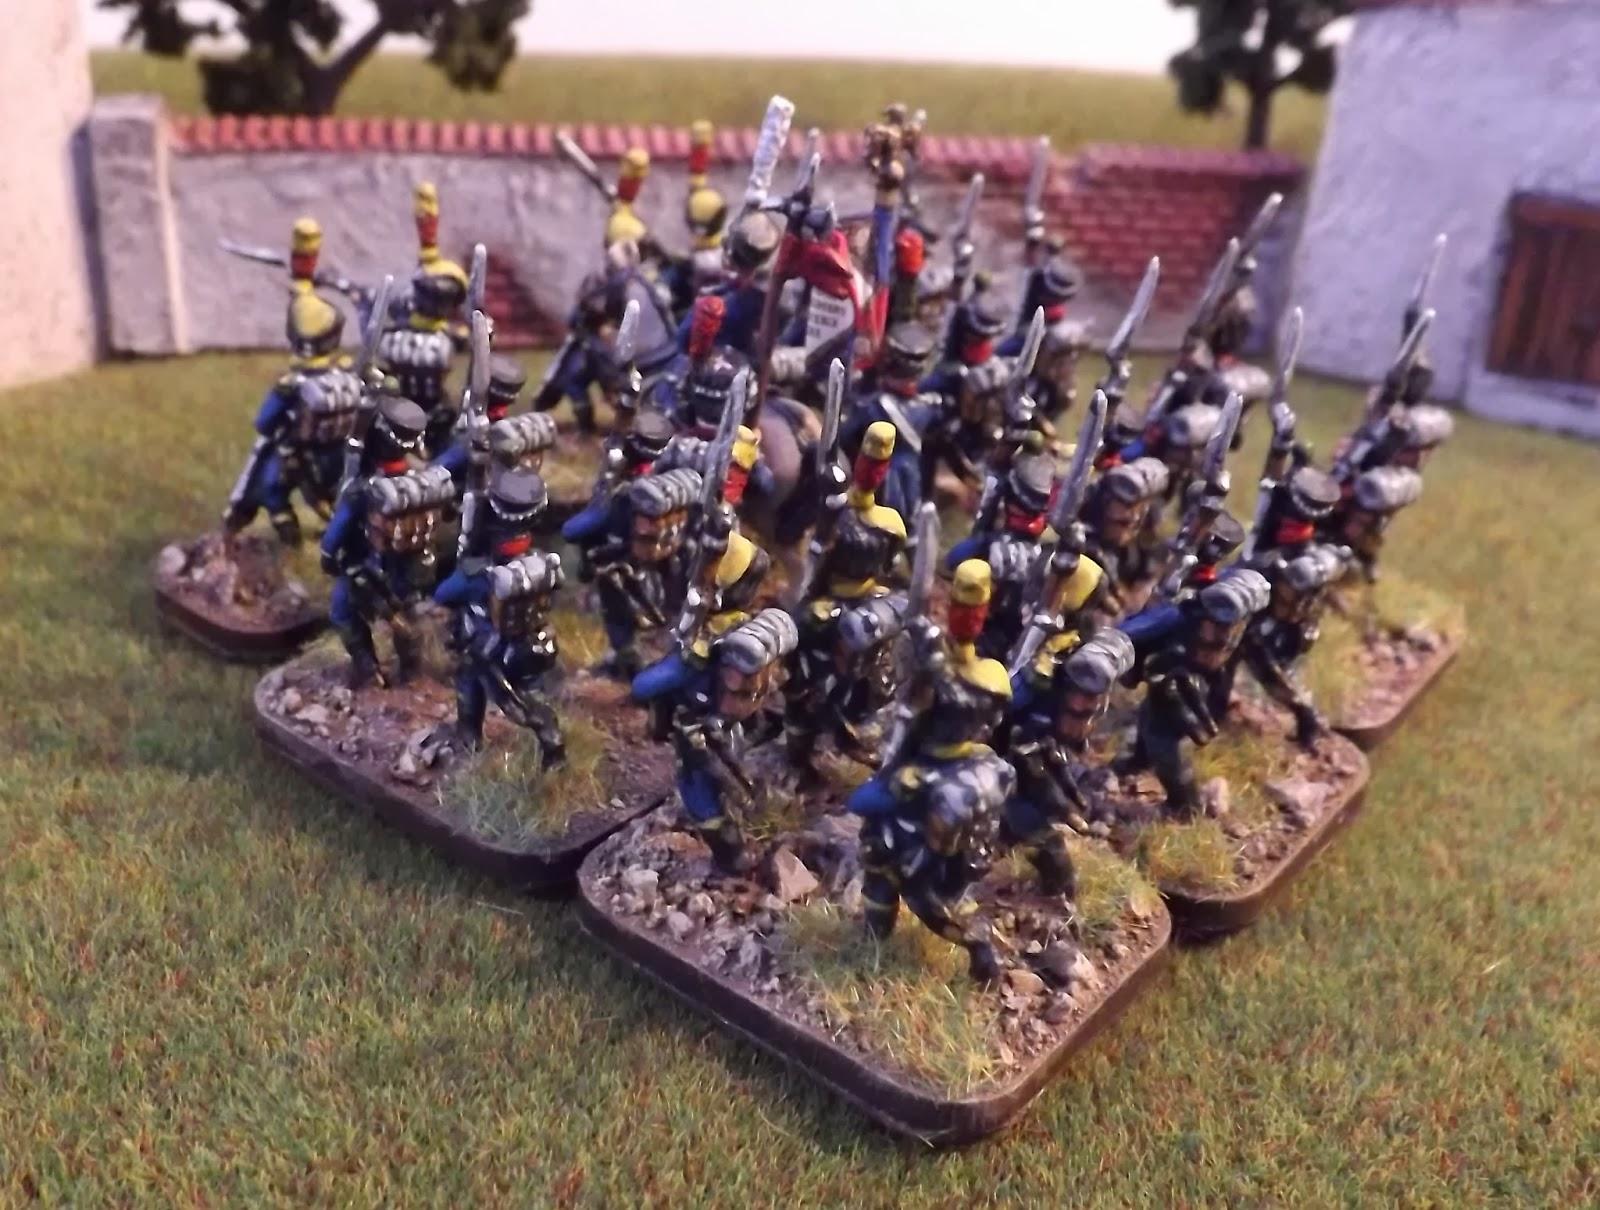 bataille de bautzen 1813